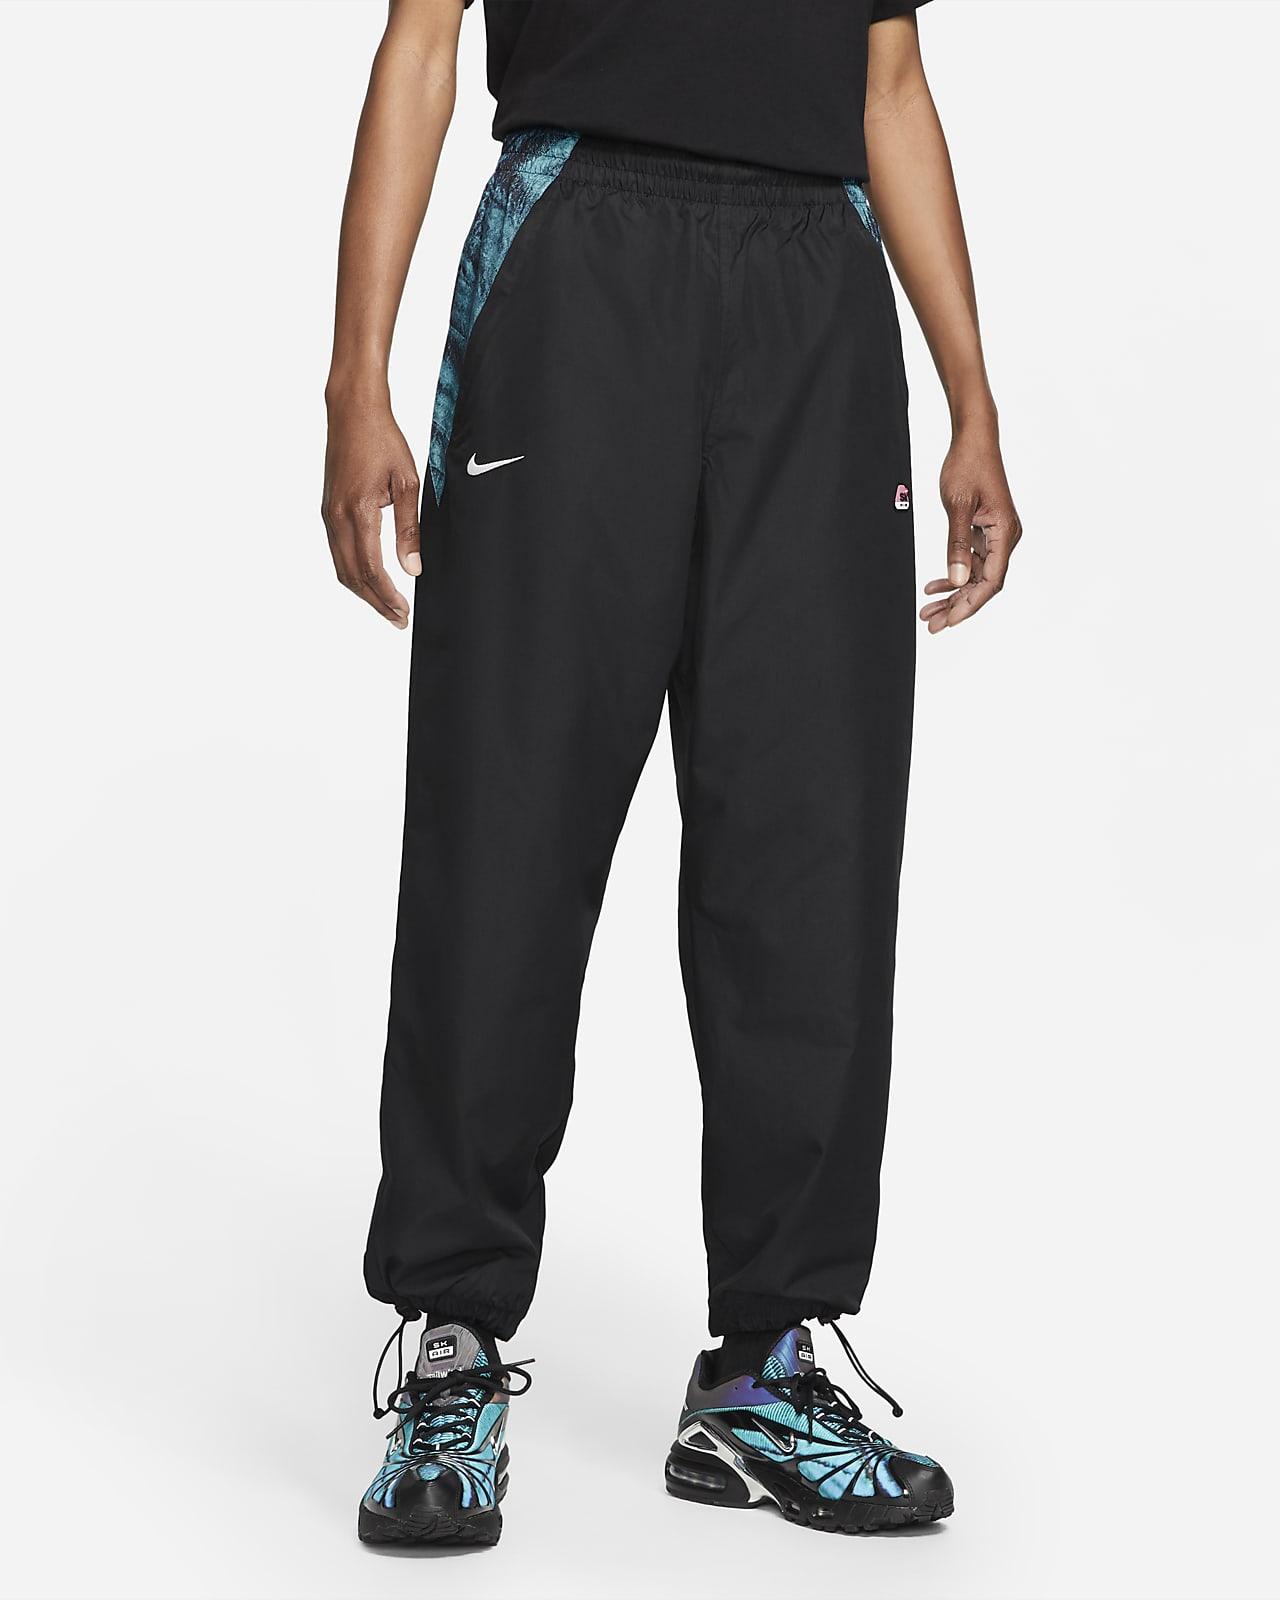 กางเกงวอร์มขายาวผู้ชาย Nike x Skepta